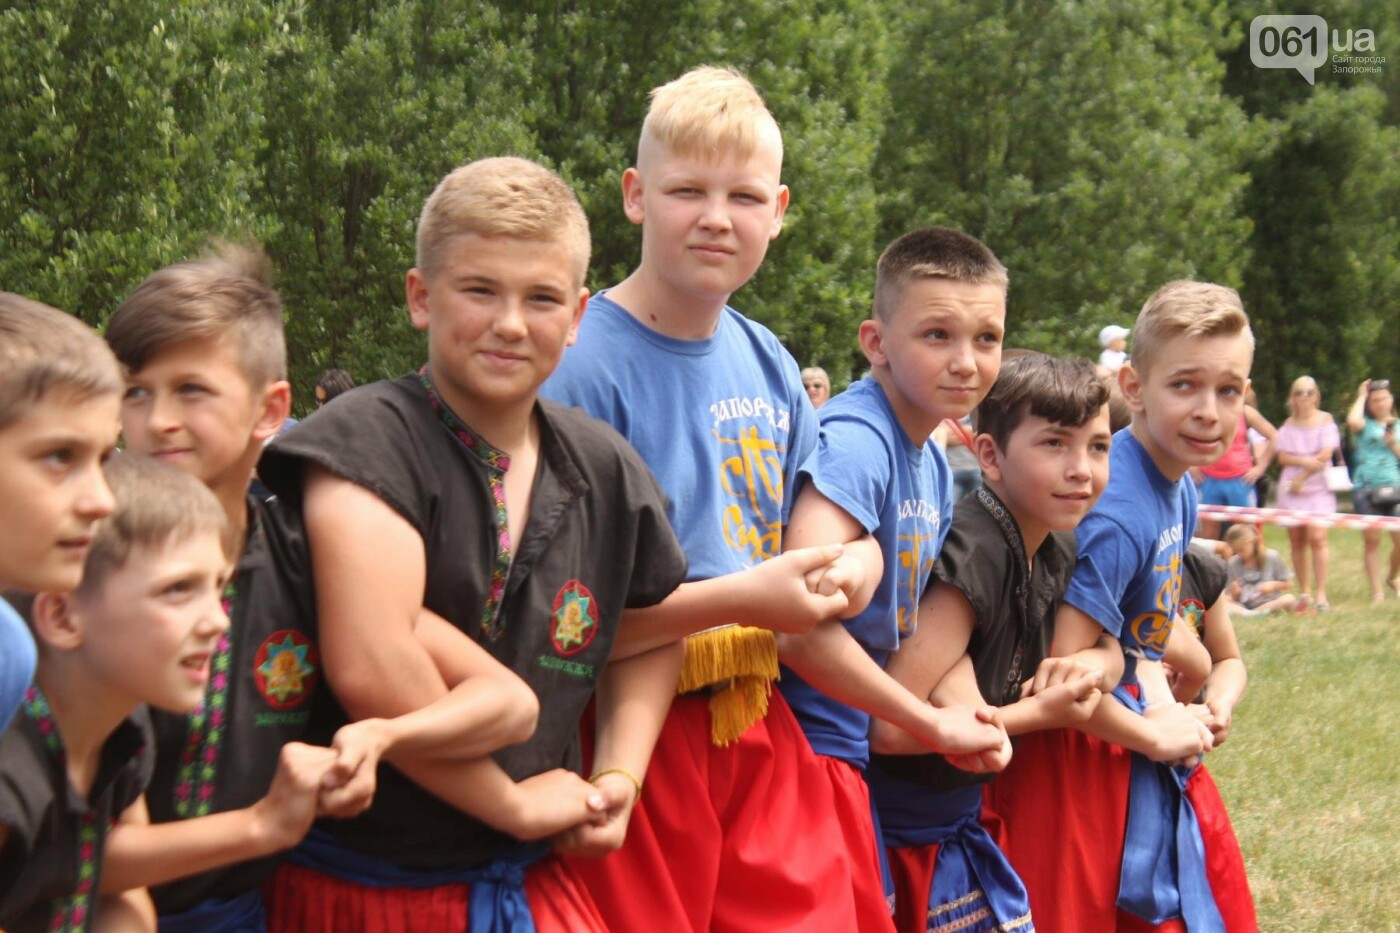 «Лава на лаву», борьба на поясах и ярмарка вышиванок: как в Запорожье прошли всеукраинские казацкие игры, – ФОТОРЕПОРТАЖ, фото-9